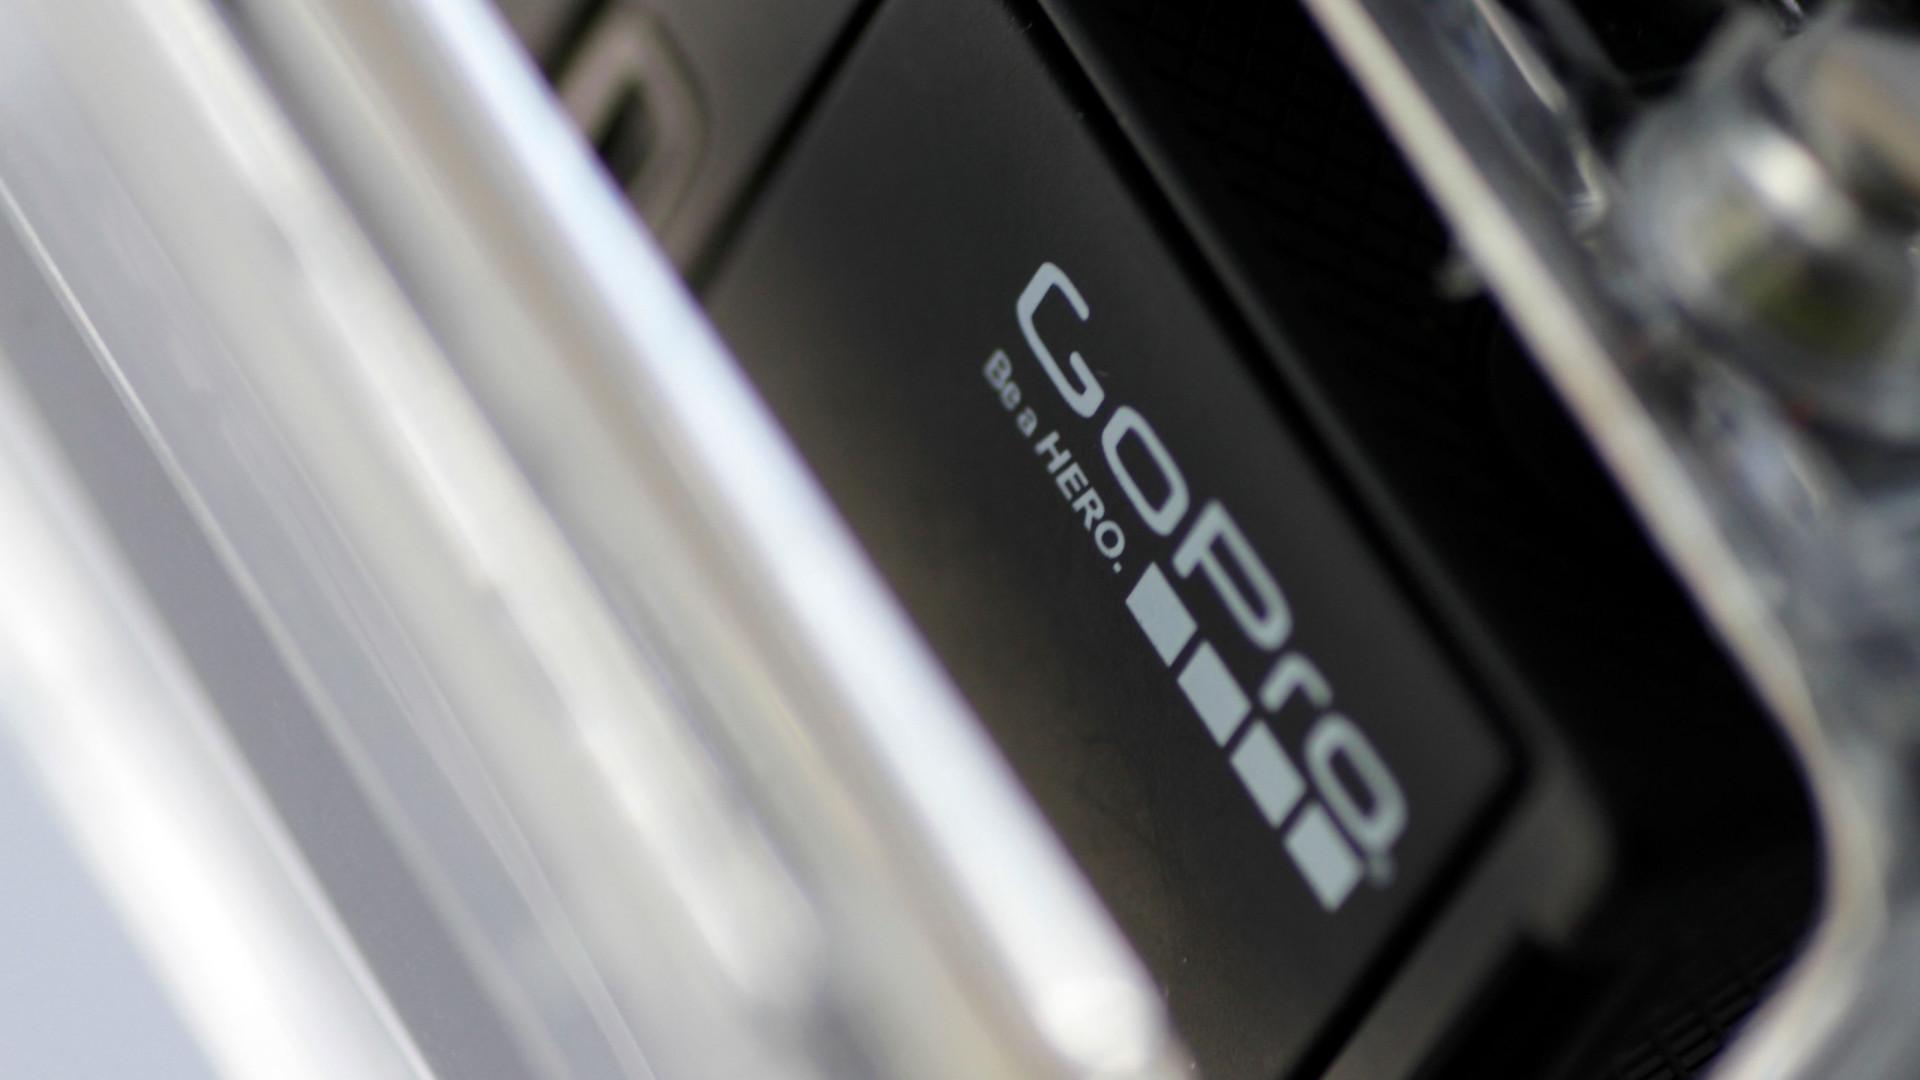 GoPro prestes a ser vendida à Xiaomi?